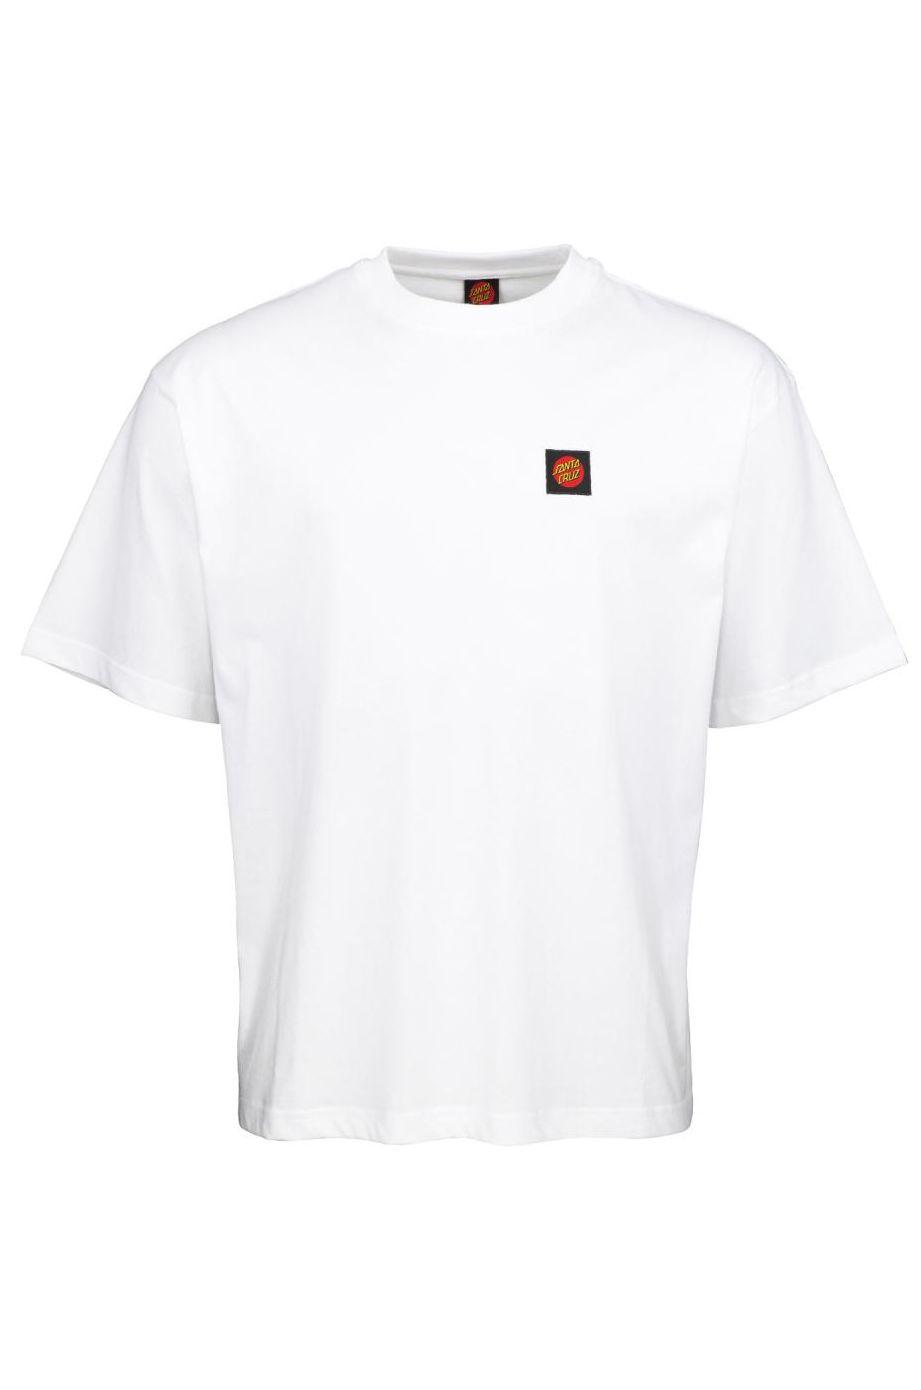 Santa Cruz T-Shirt CLASSIC LABEL White